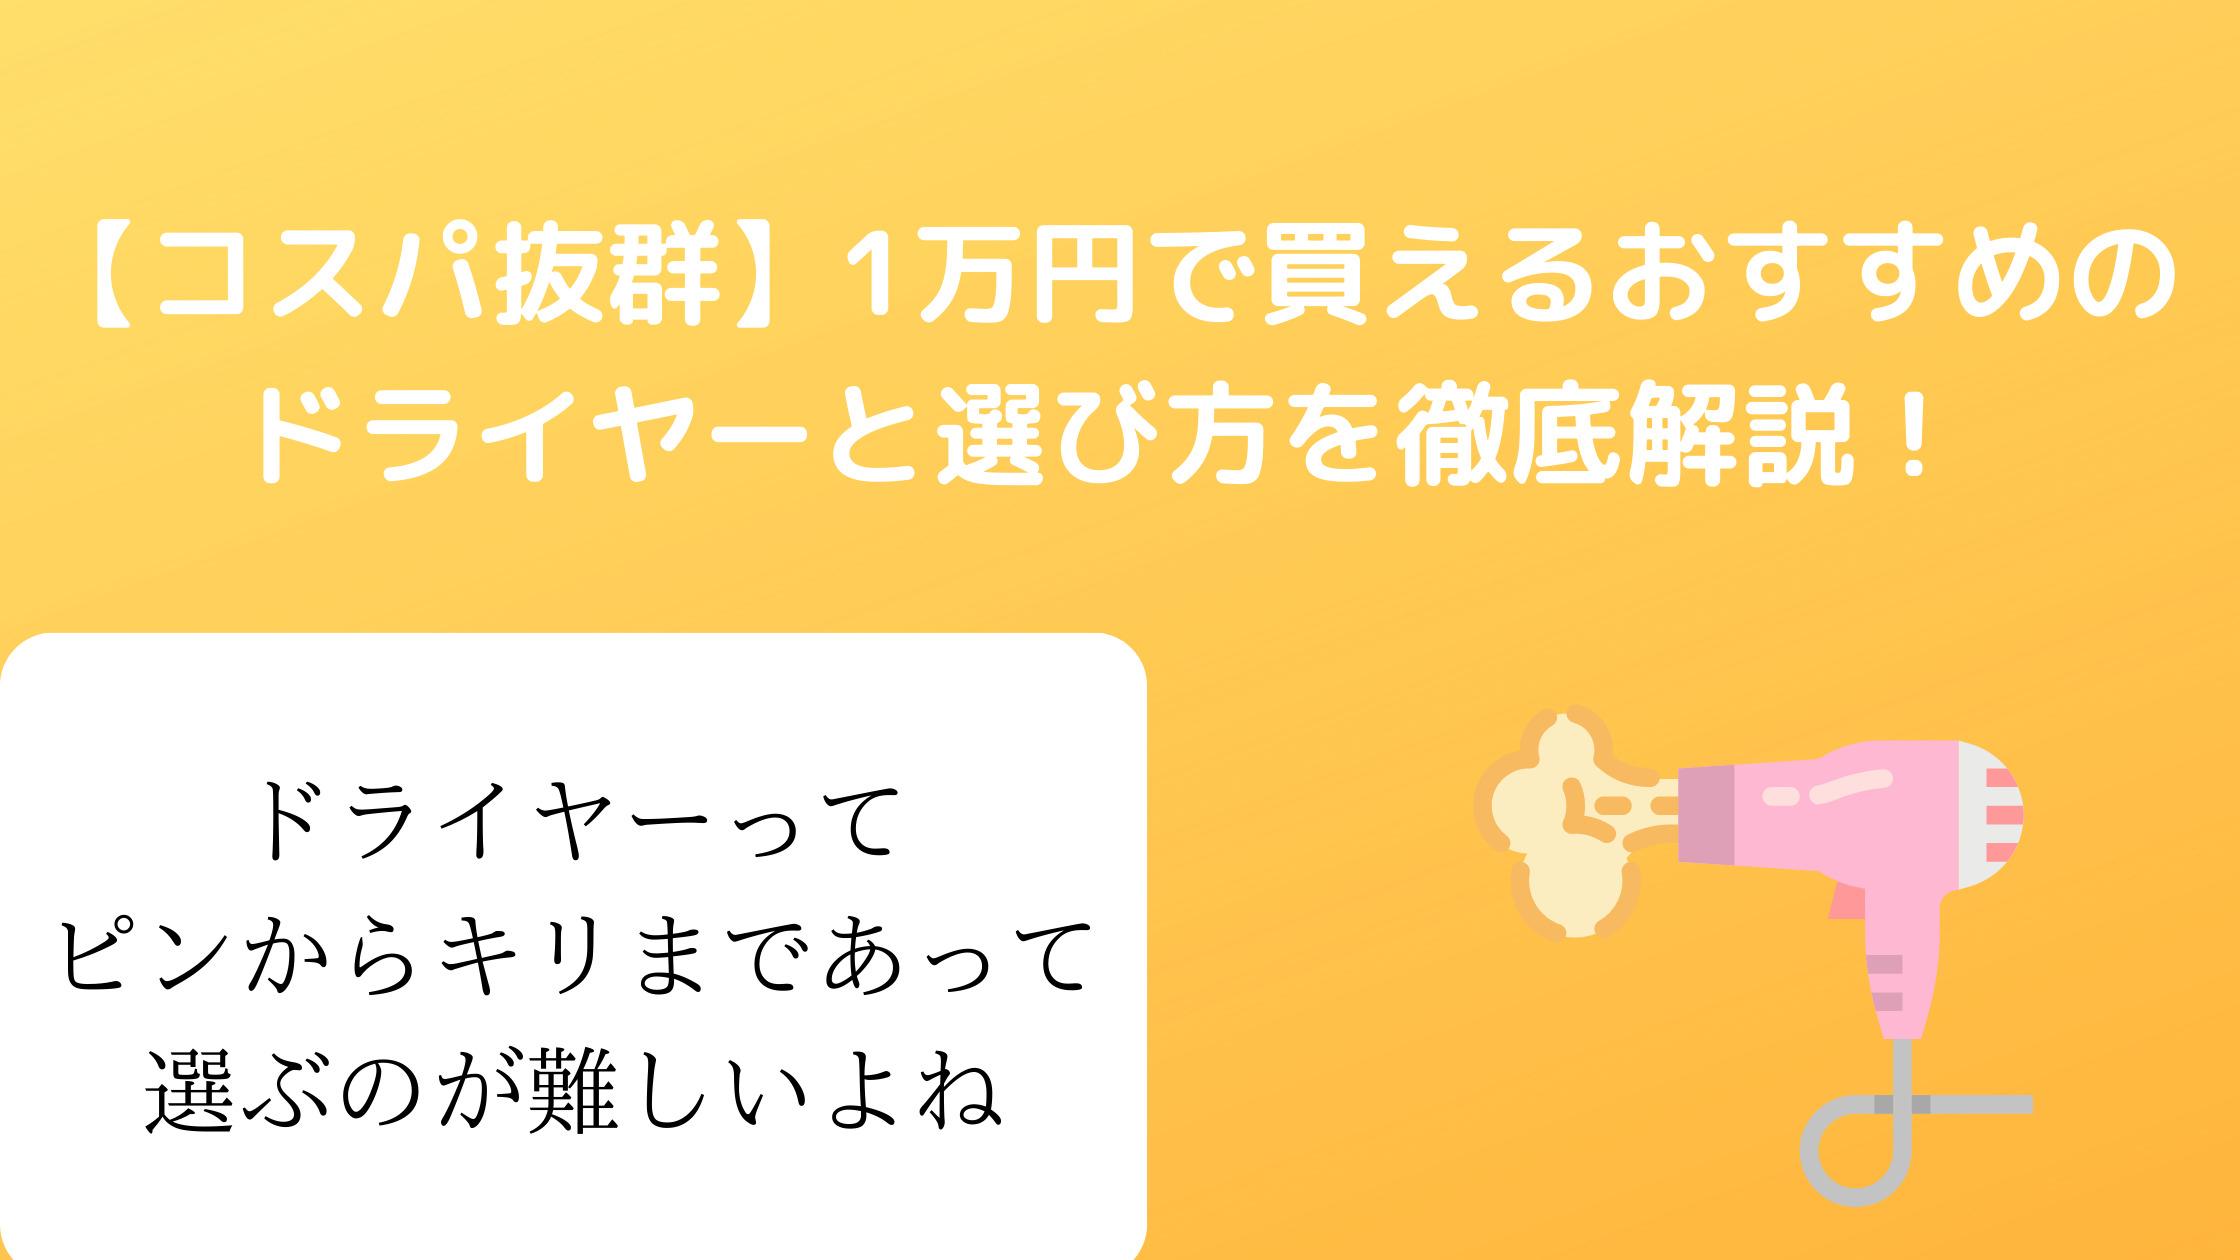 【コスパ抜群】1万円で買えるおすすめのドライヤーと選び方を徹底解説!